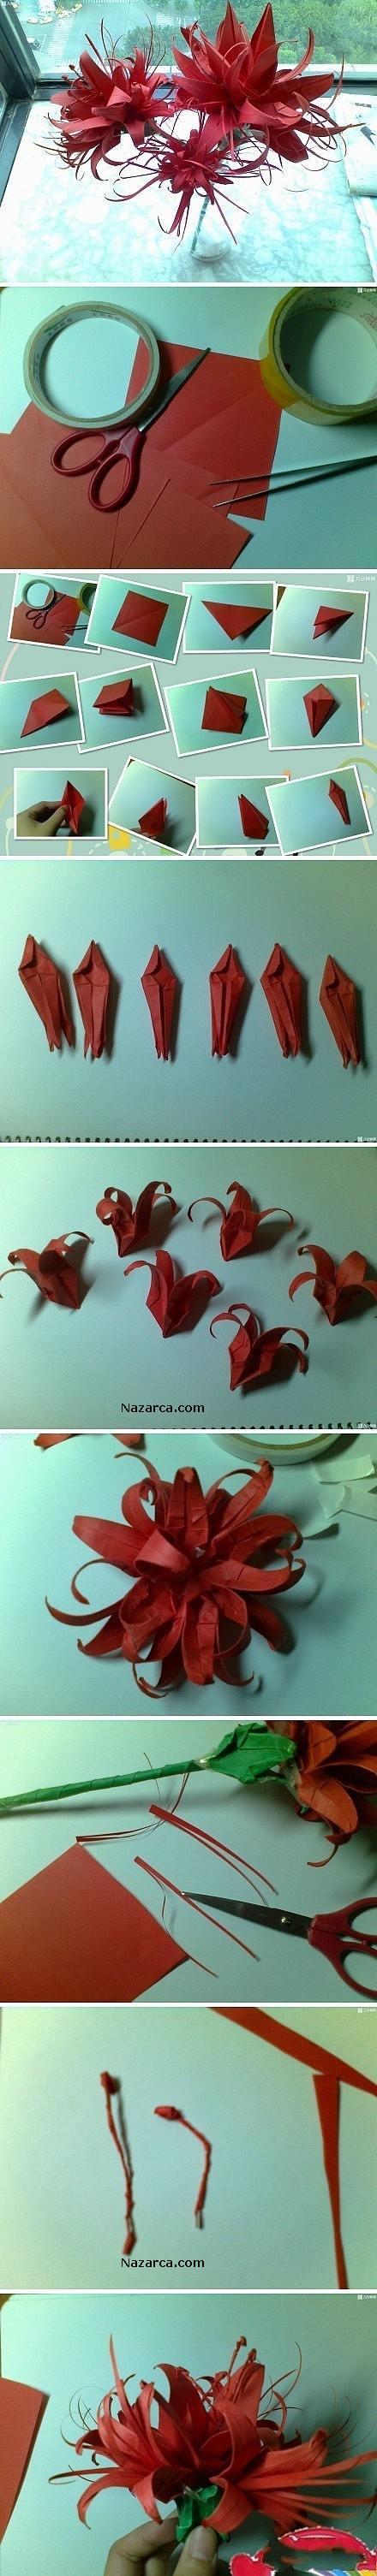 Fon kağıdından yapılan dekoratik çiçekleri